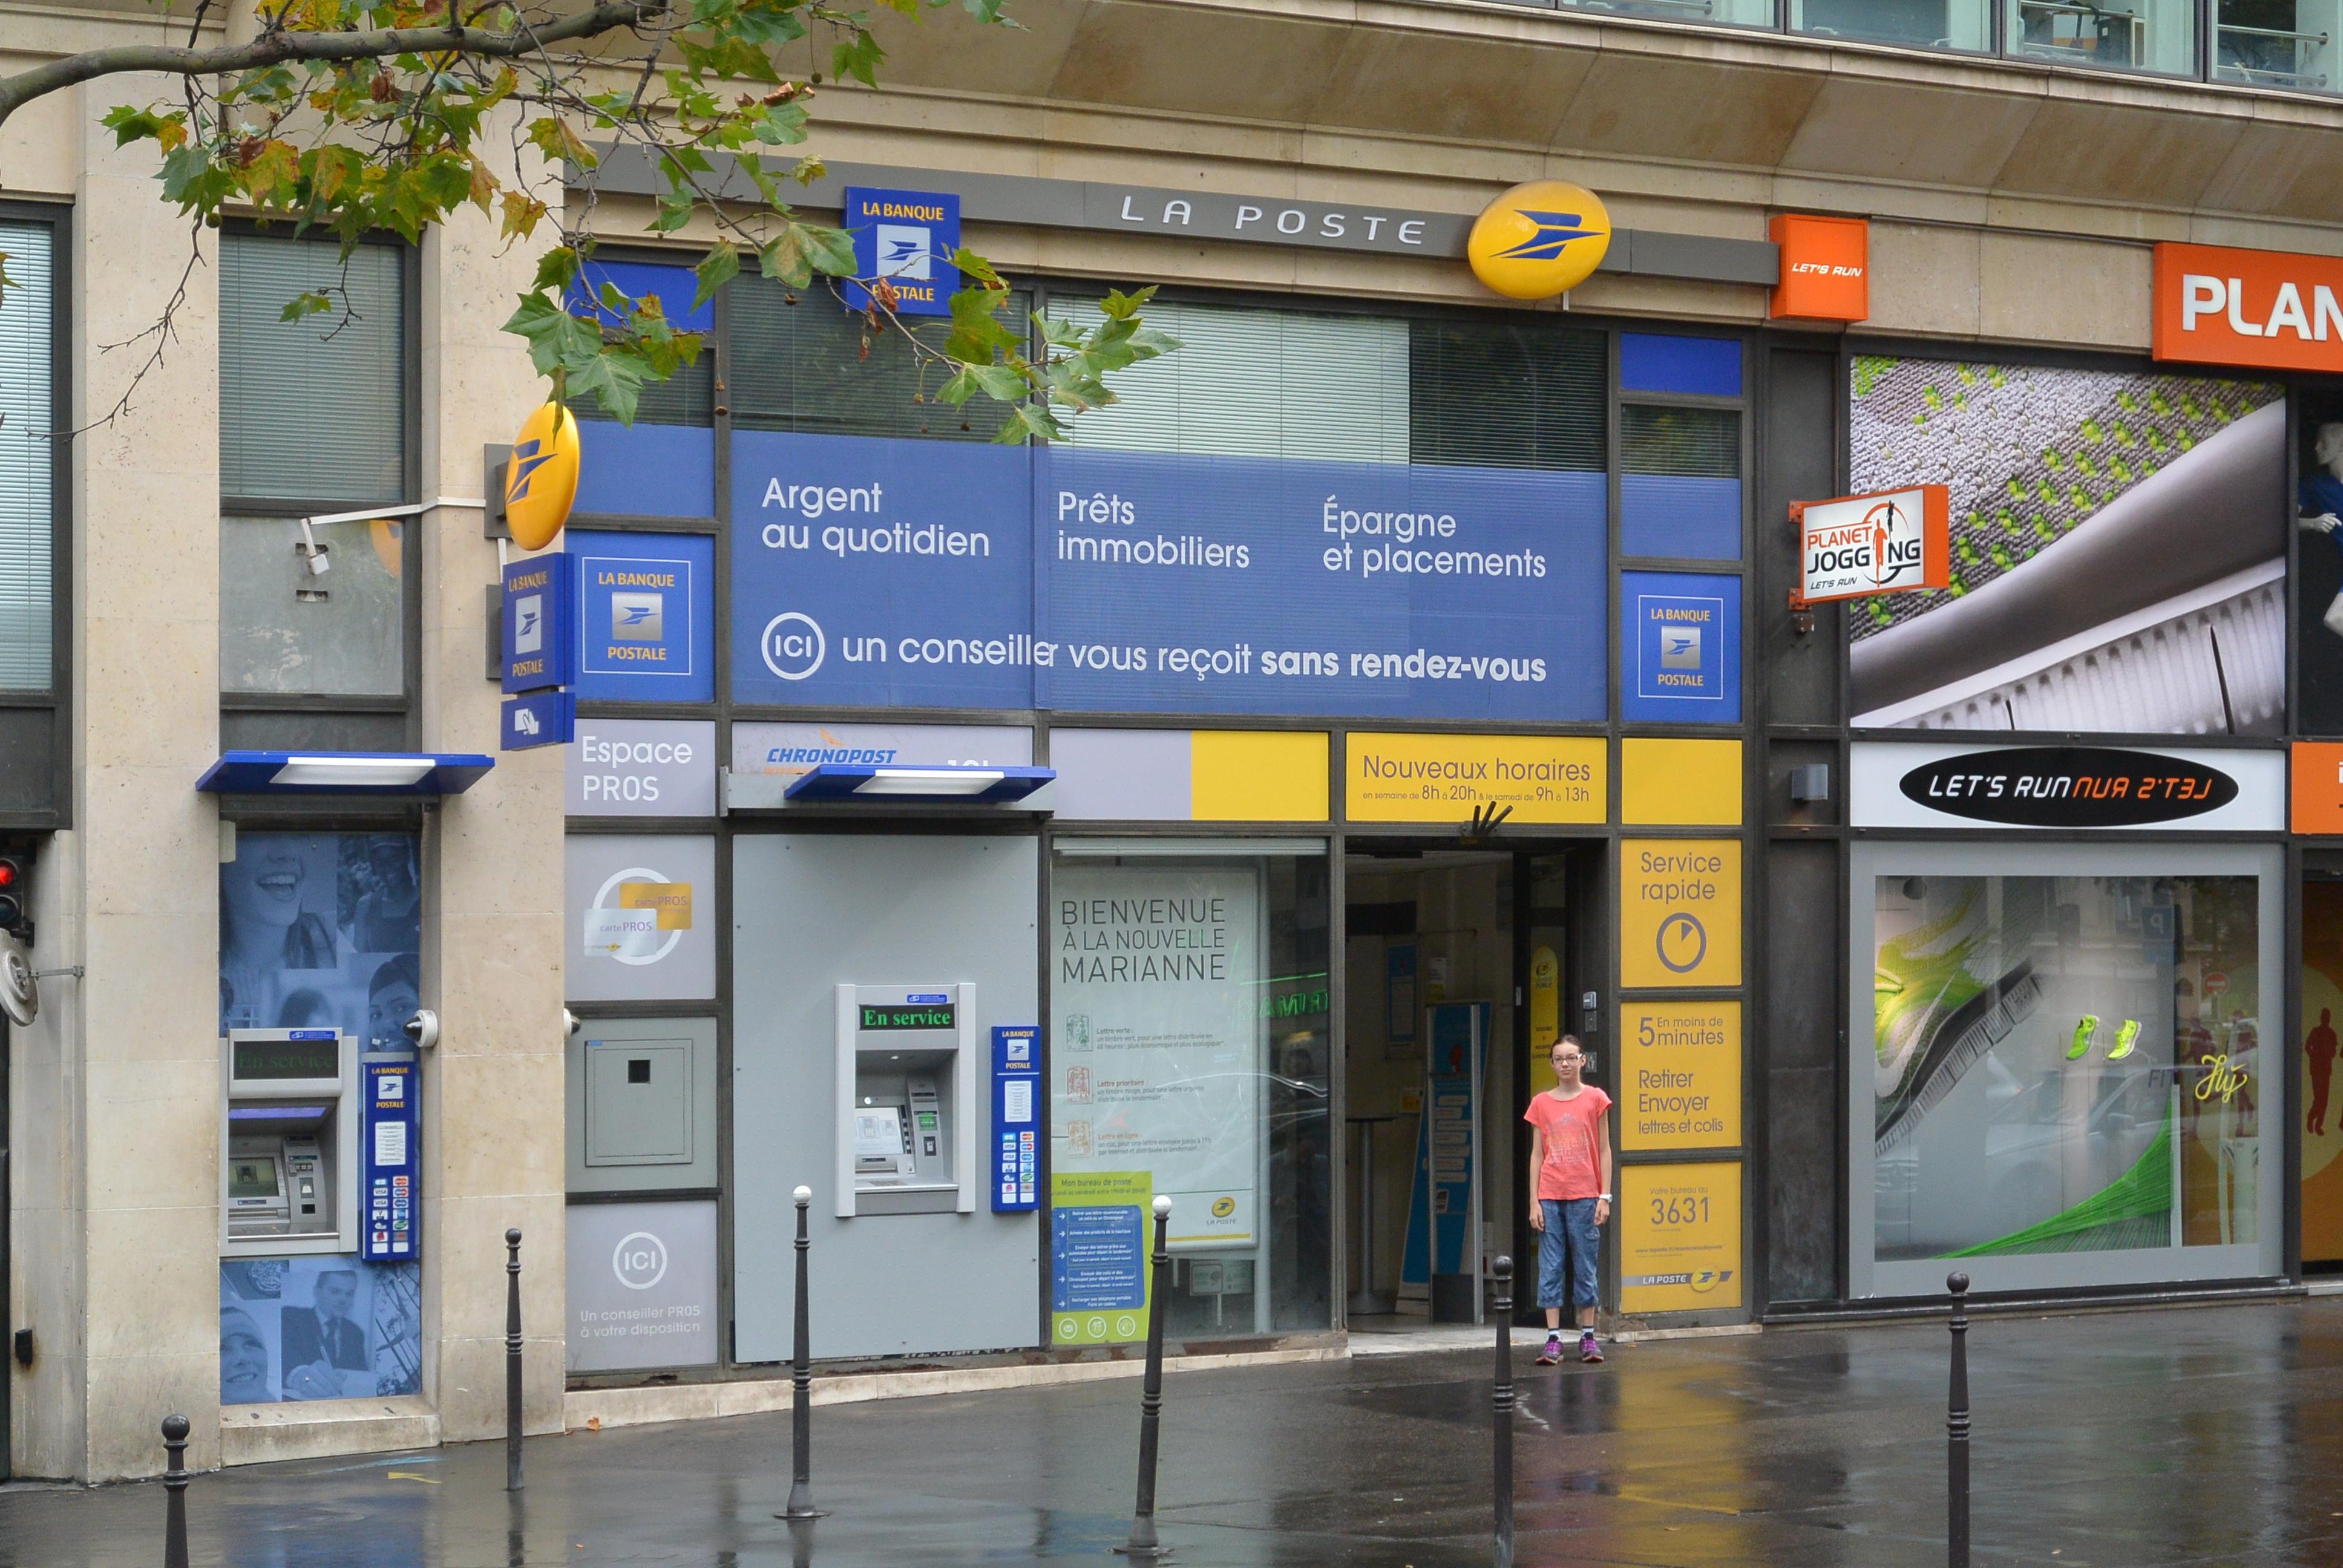 La Poste va ouvrir son nouveau service de banque en ligne d'ici 2018